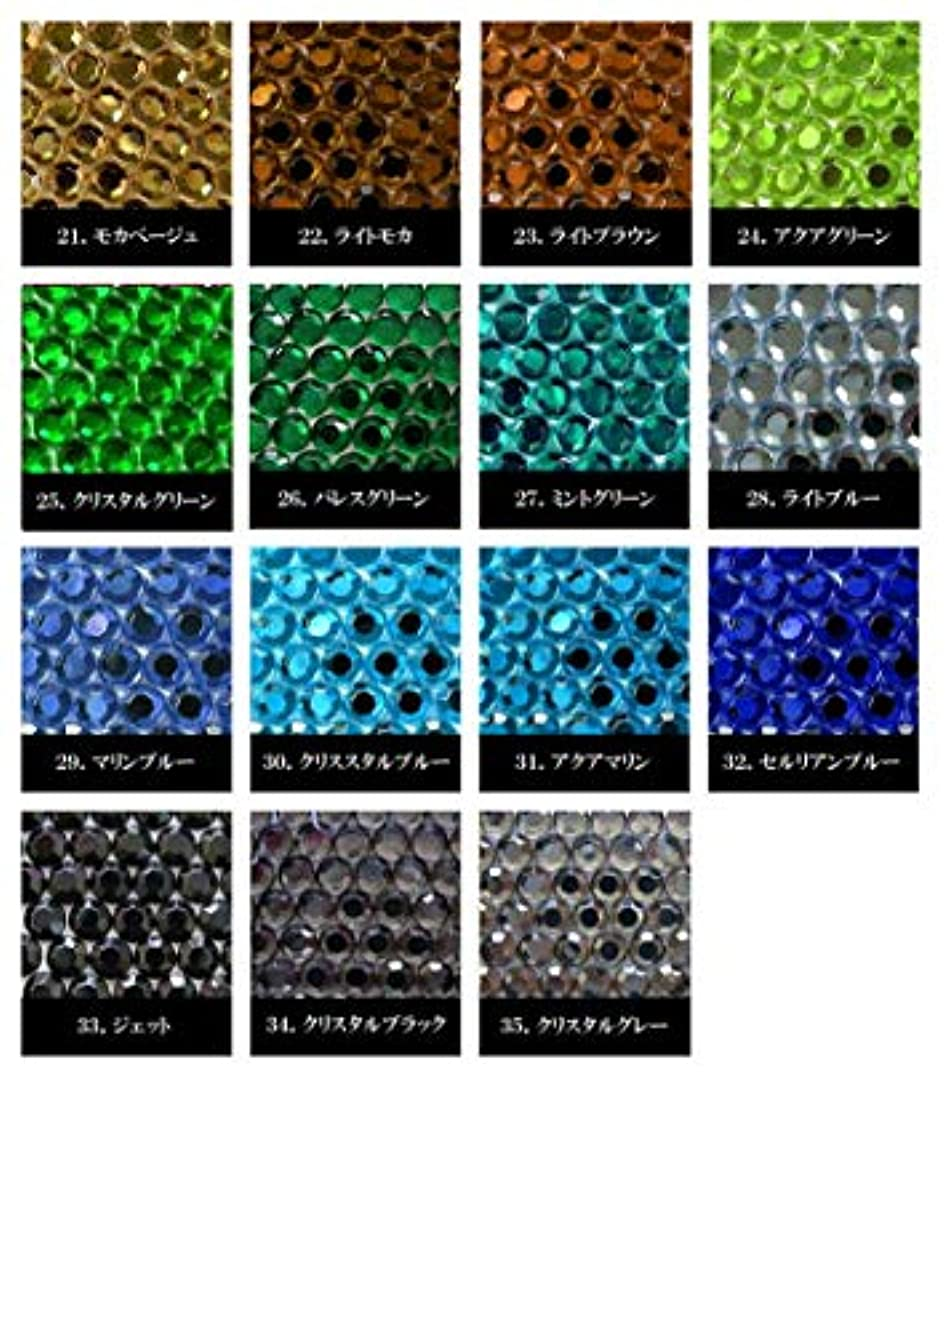 アーサー効率同封するアクリル製ラインストーン ダイヤカット型1.5mm~5mm(2) (2mm(1000), アクアグリーン)